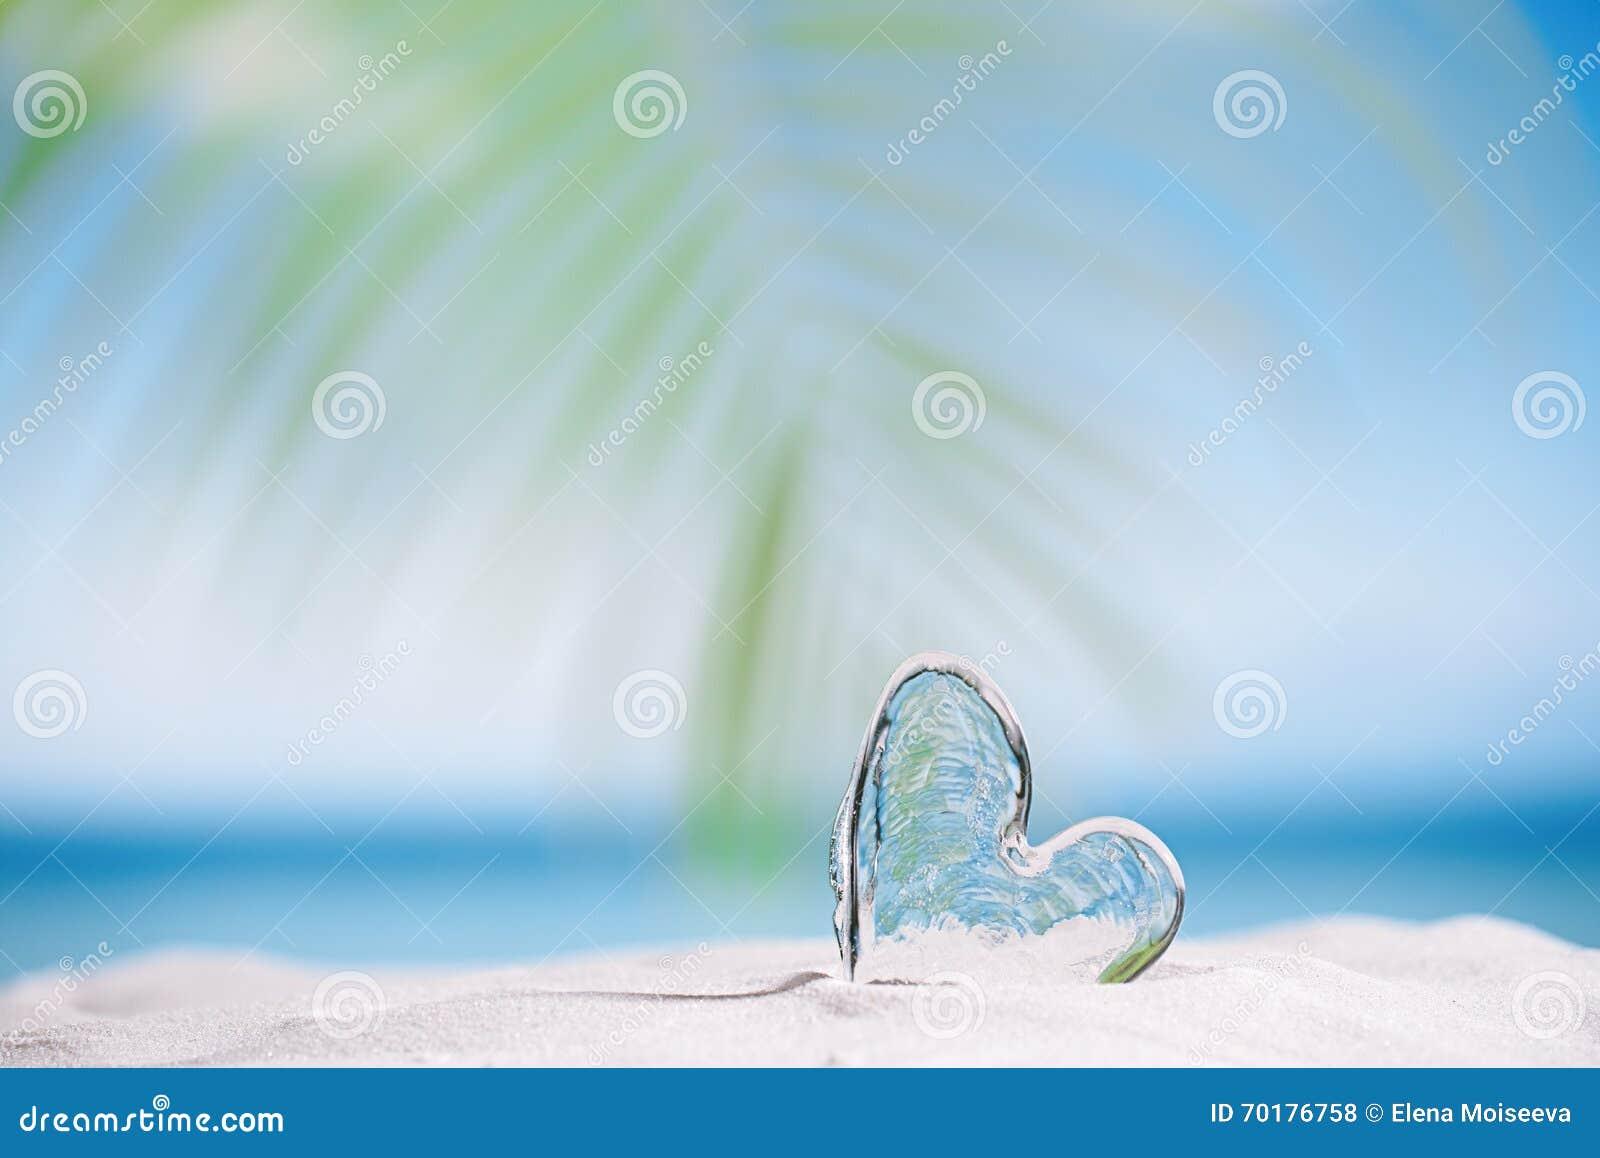 Klar glass hjärta på den vita sandstranden